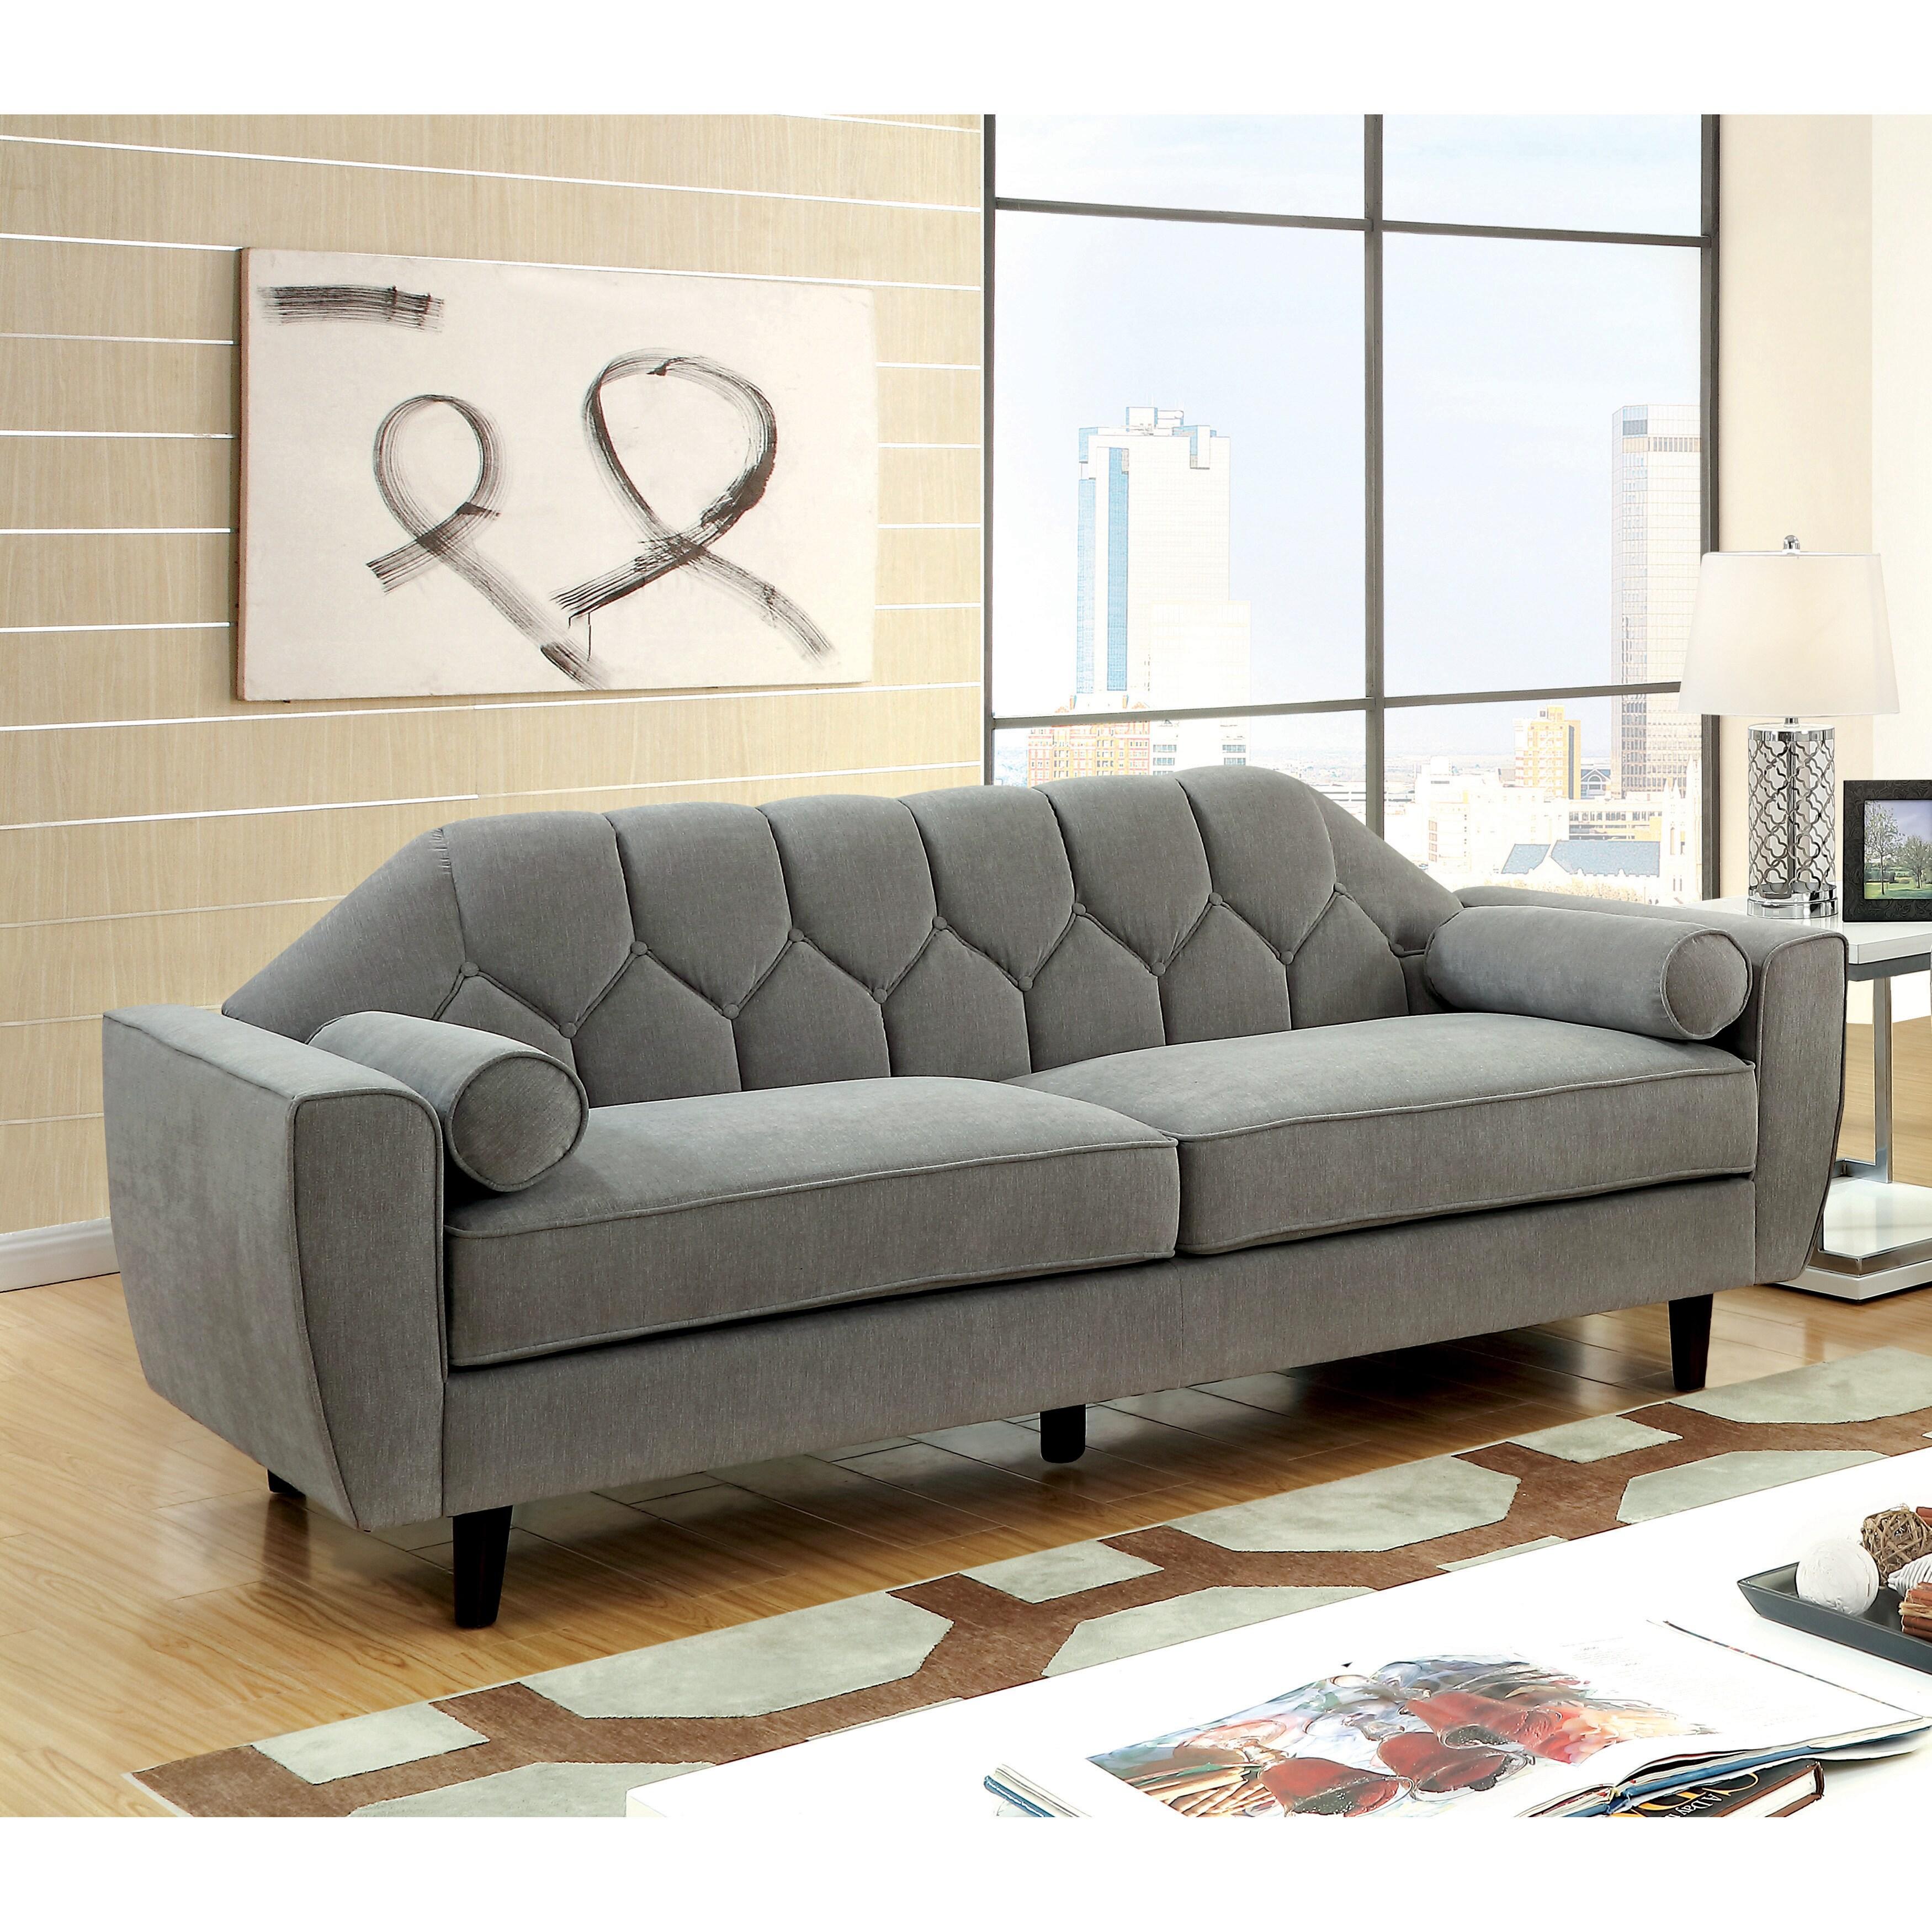 Furniture of America Ferine Contemporary Curved Button Tu...